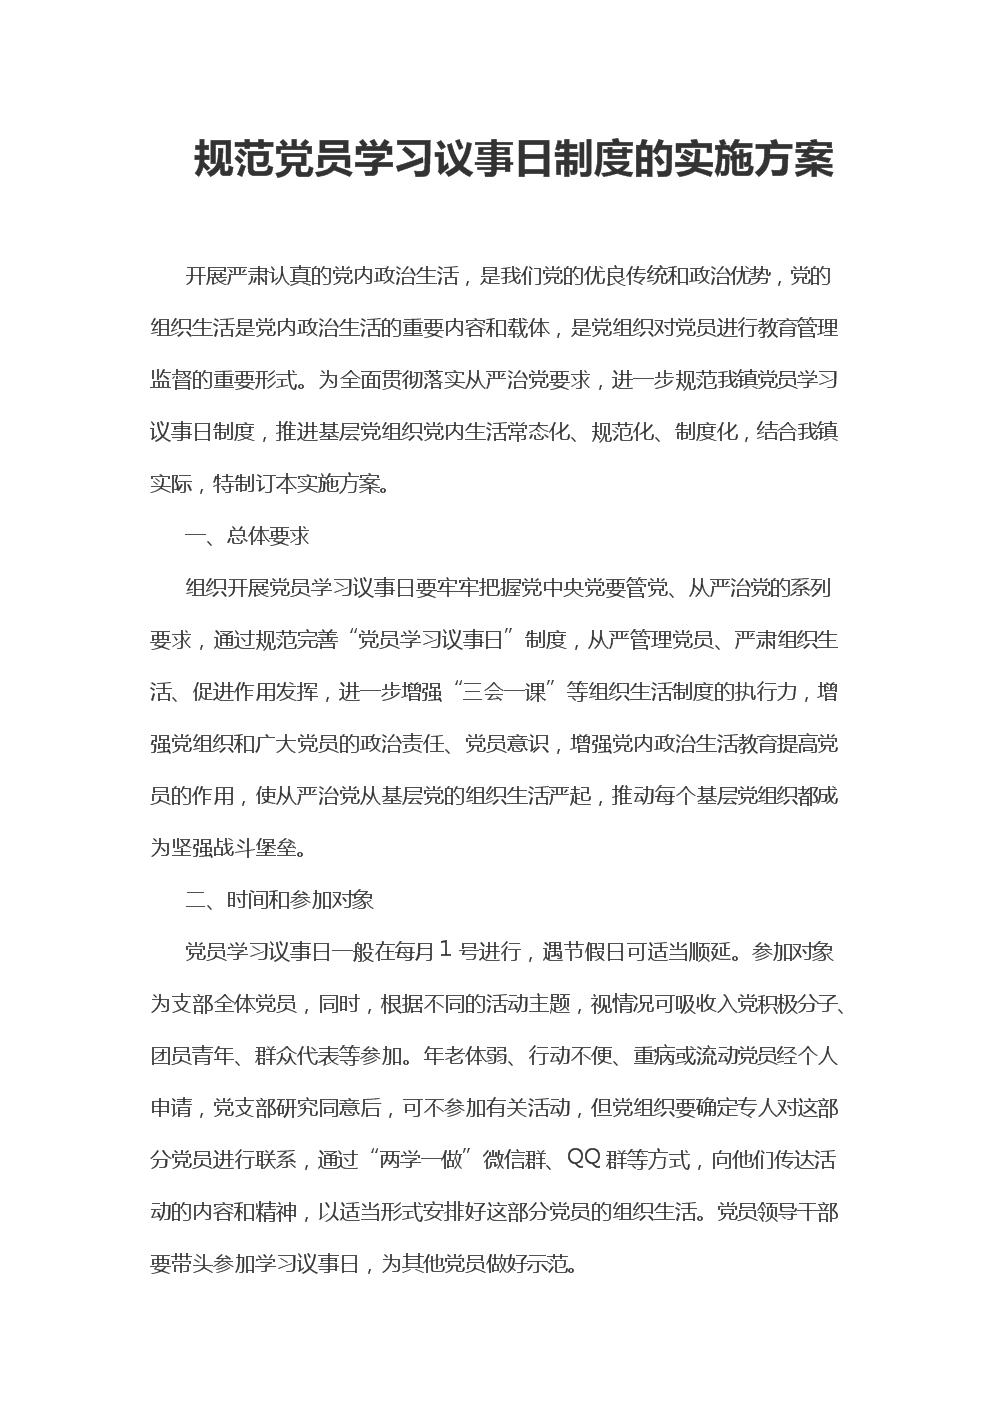 规范党员学习议事日制度的实施方案.docx